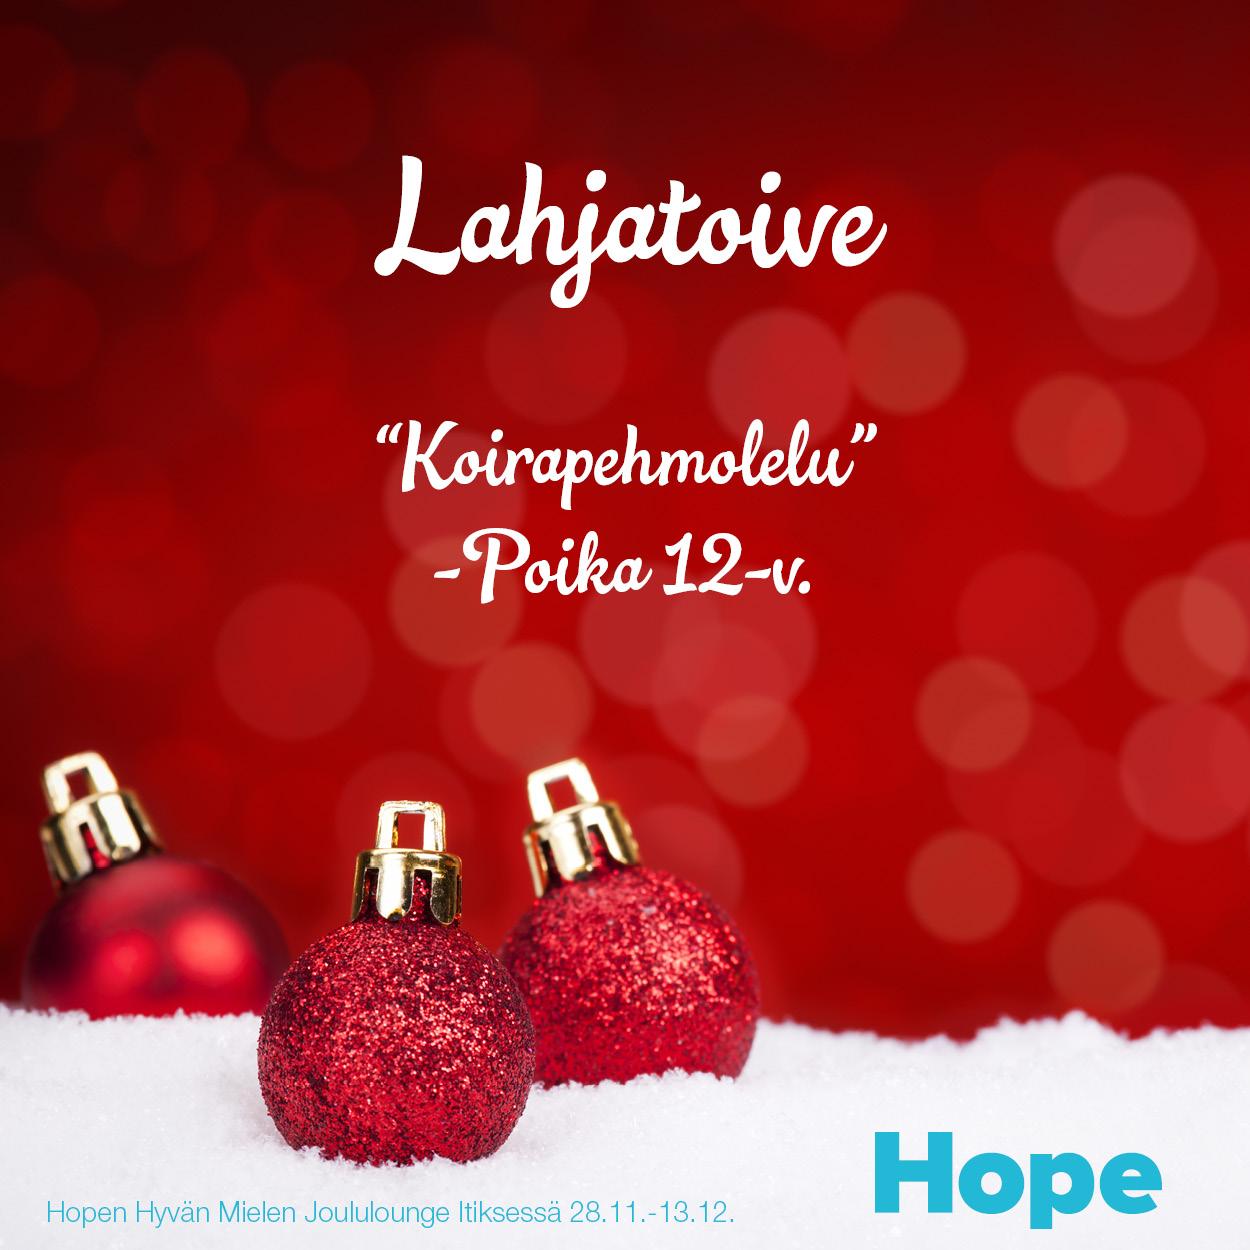 Hope_300x300_Lahjatoive_4